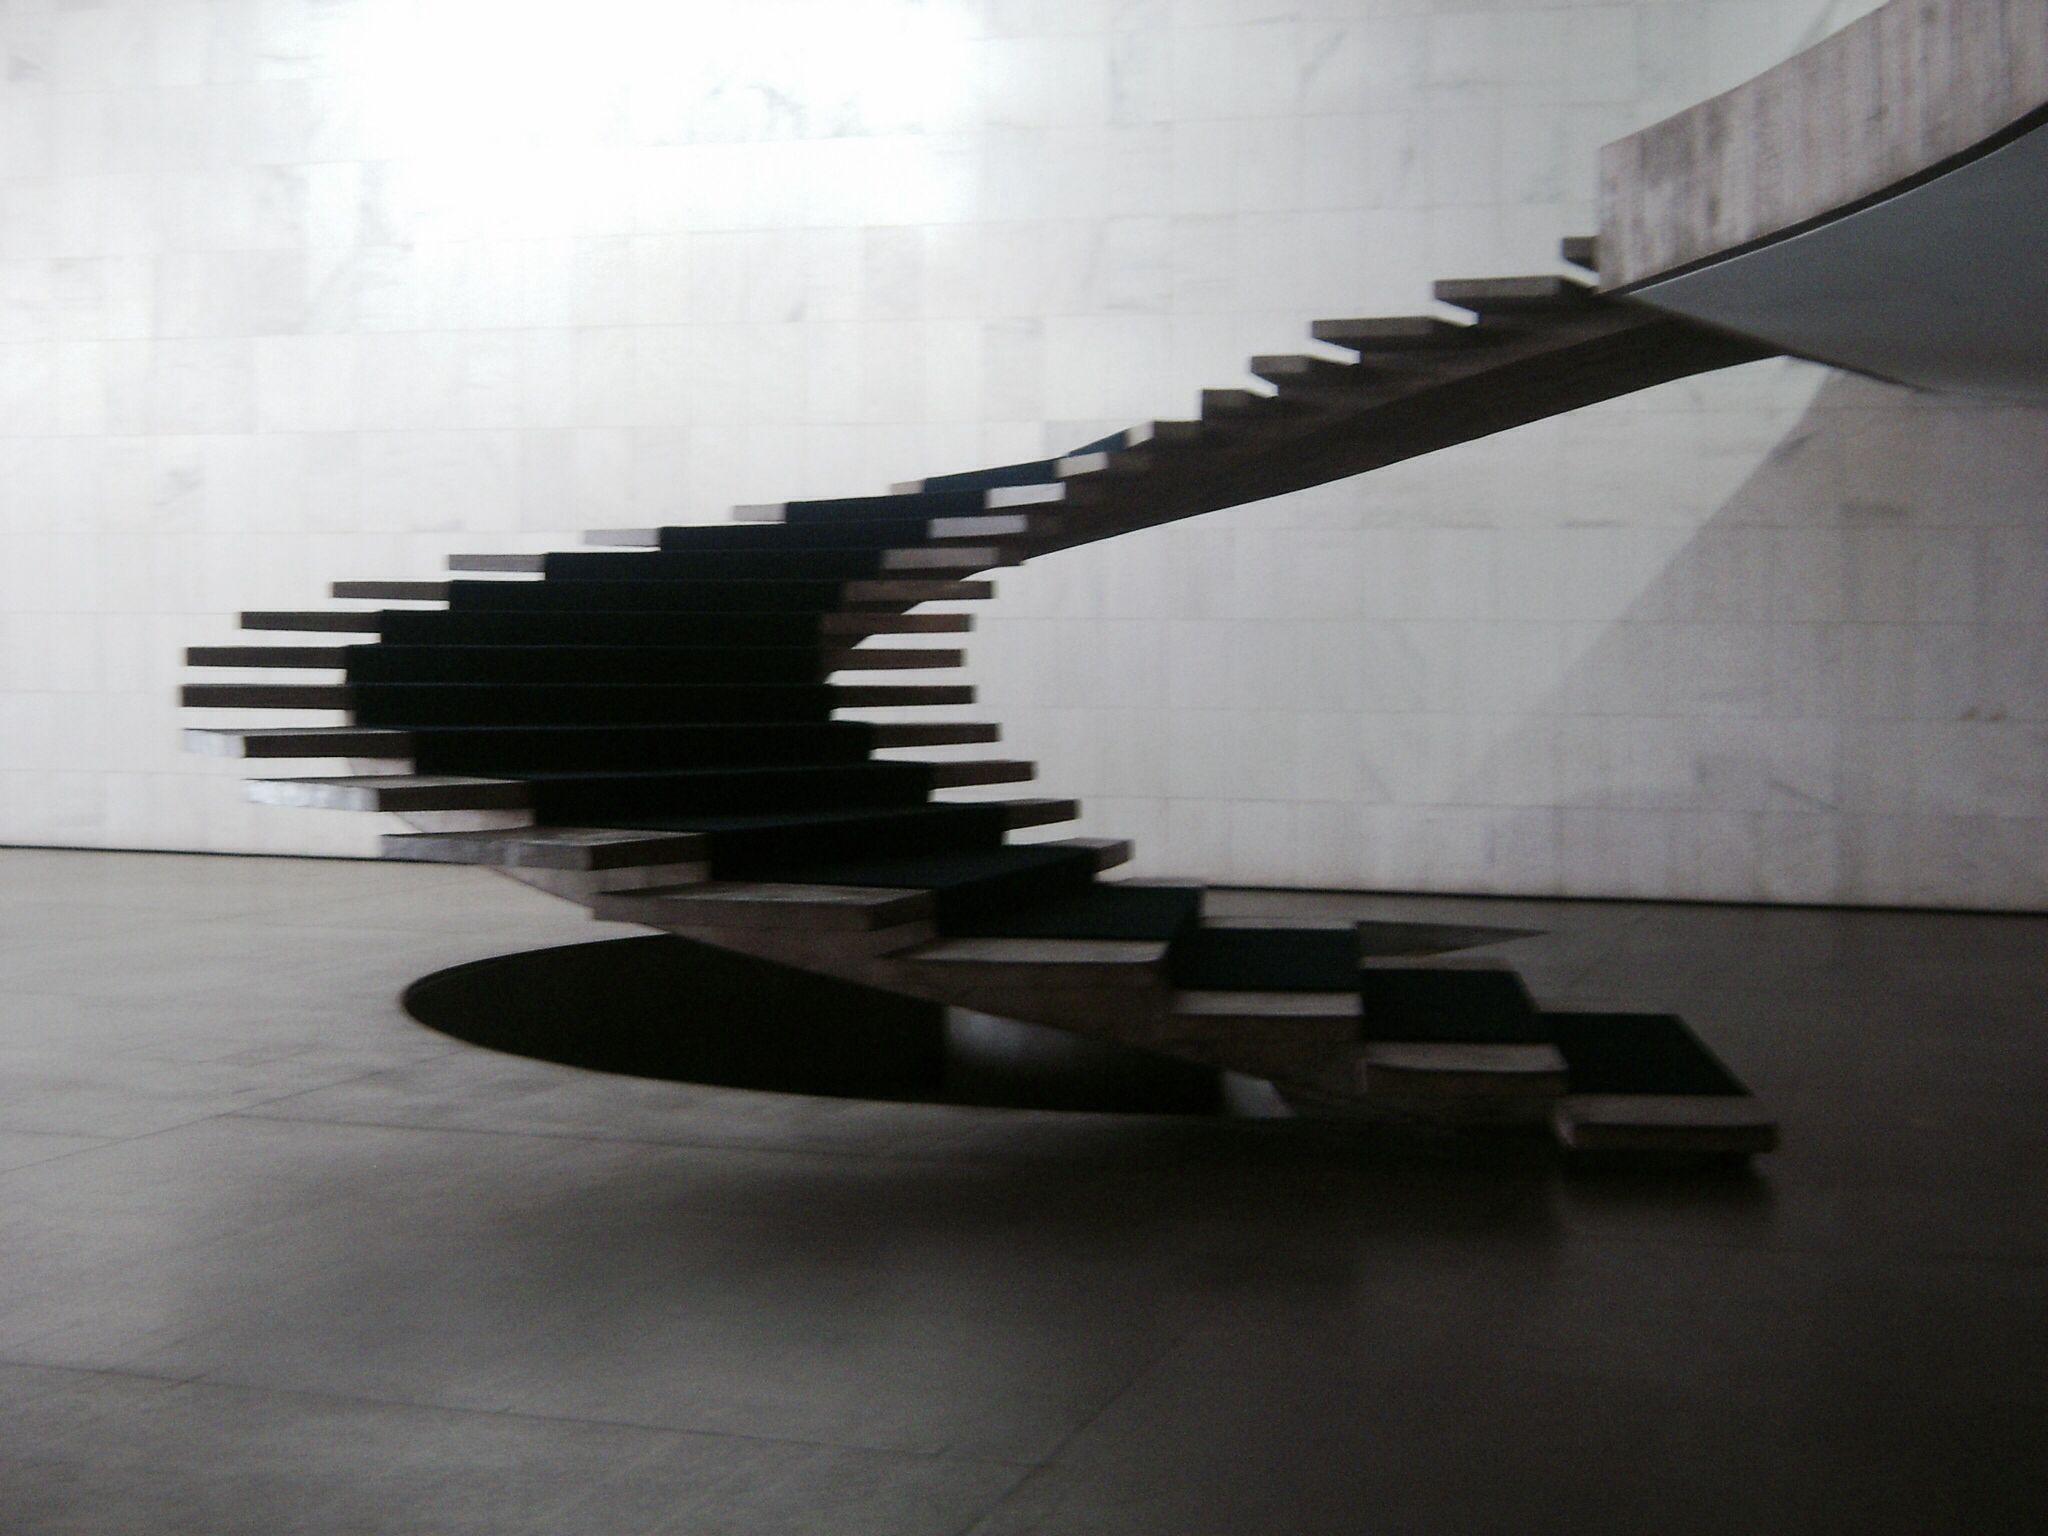 Escada do palácio Itamaraty - Brasília - Foto: Arquiteta Cláudia F. Ferreira